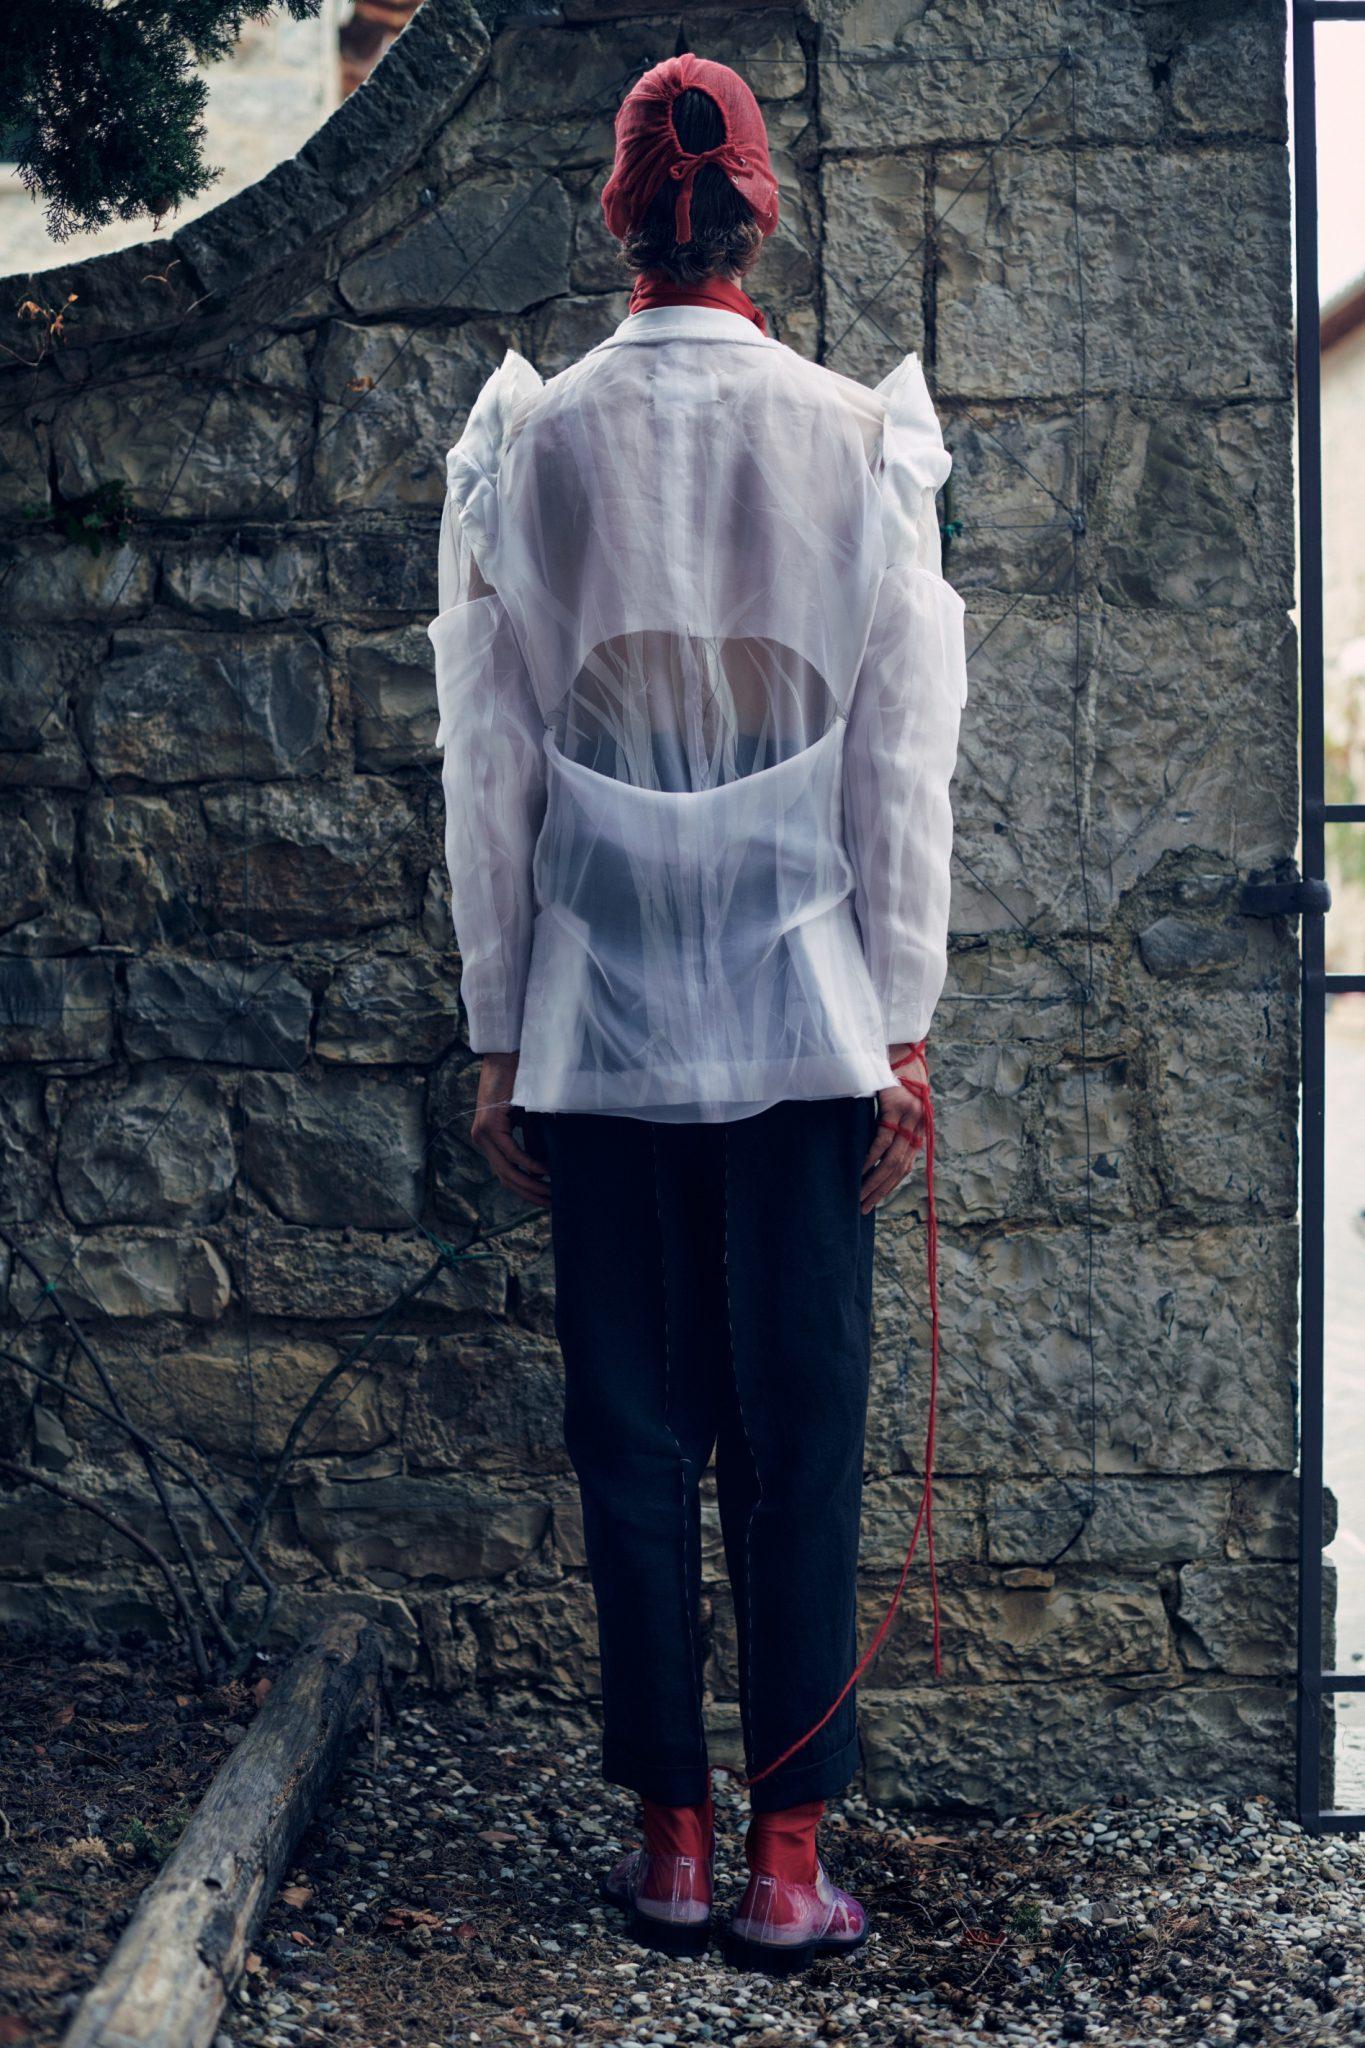 De SS21-collectie van Maison Margiela biedt stijlvolle inspiratie voor Halloween - 7